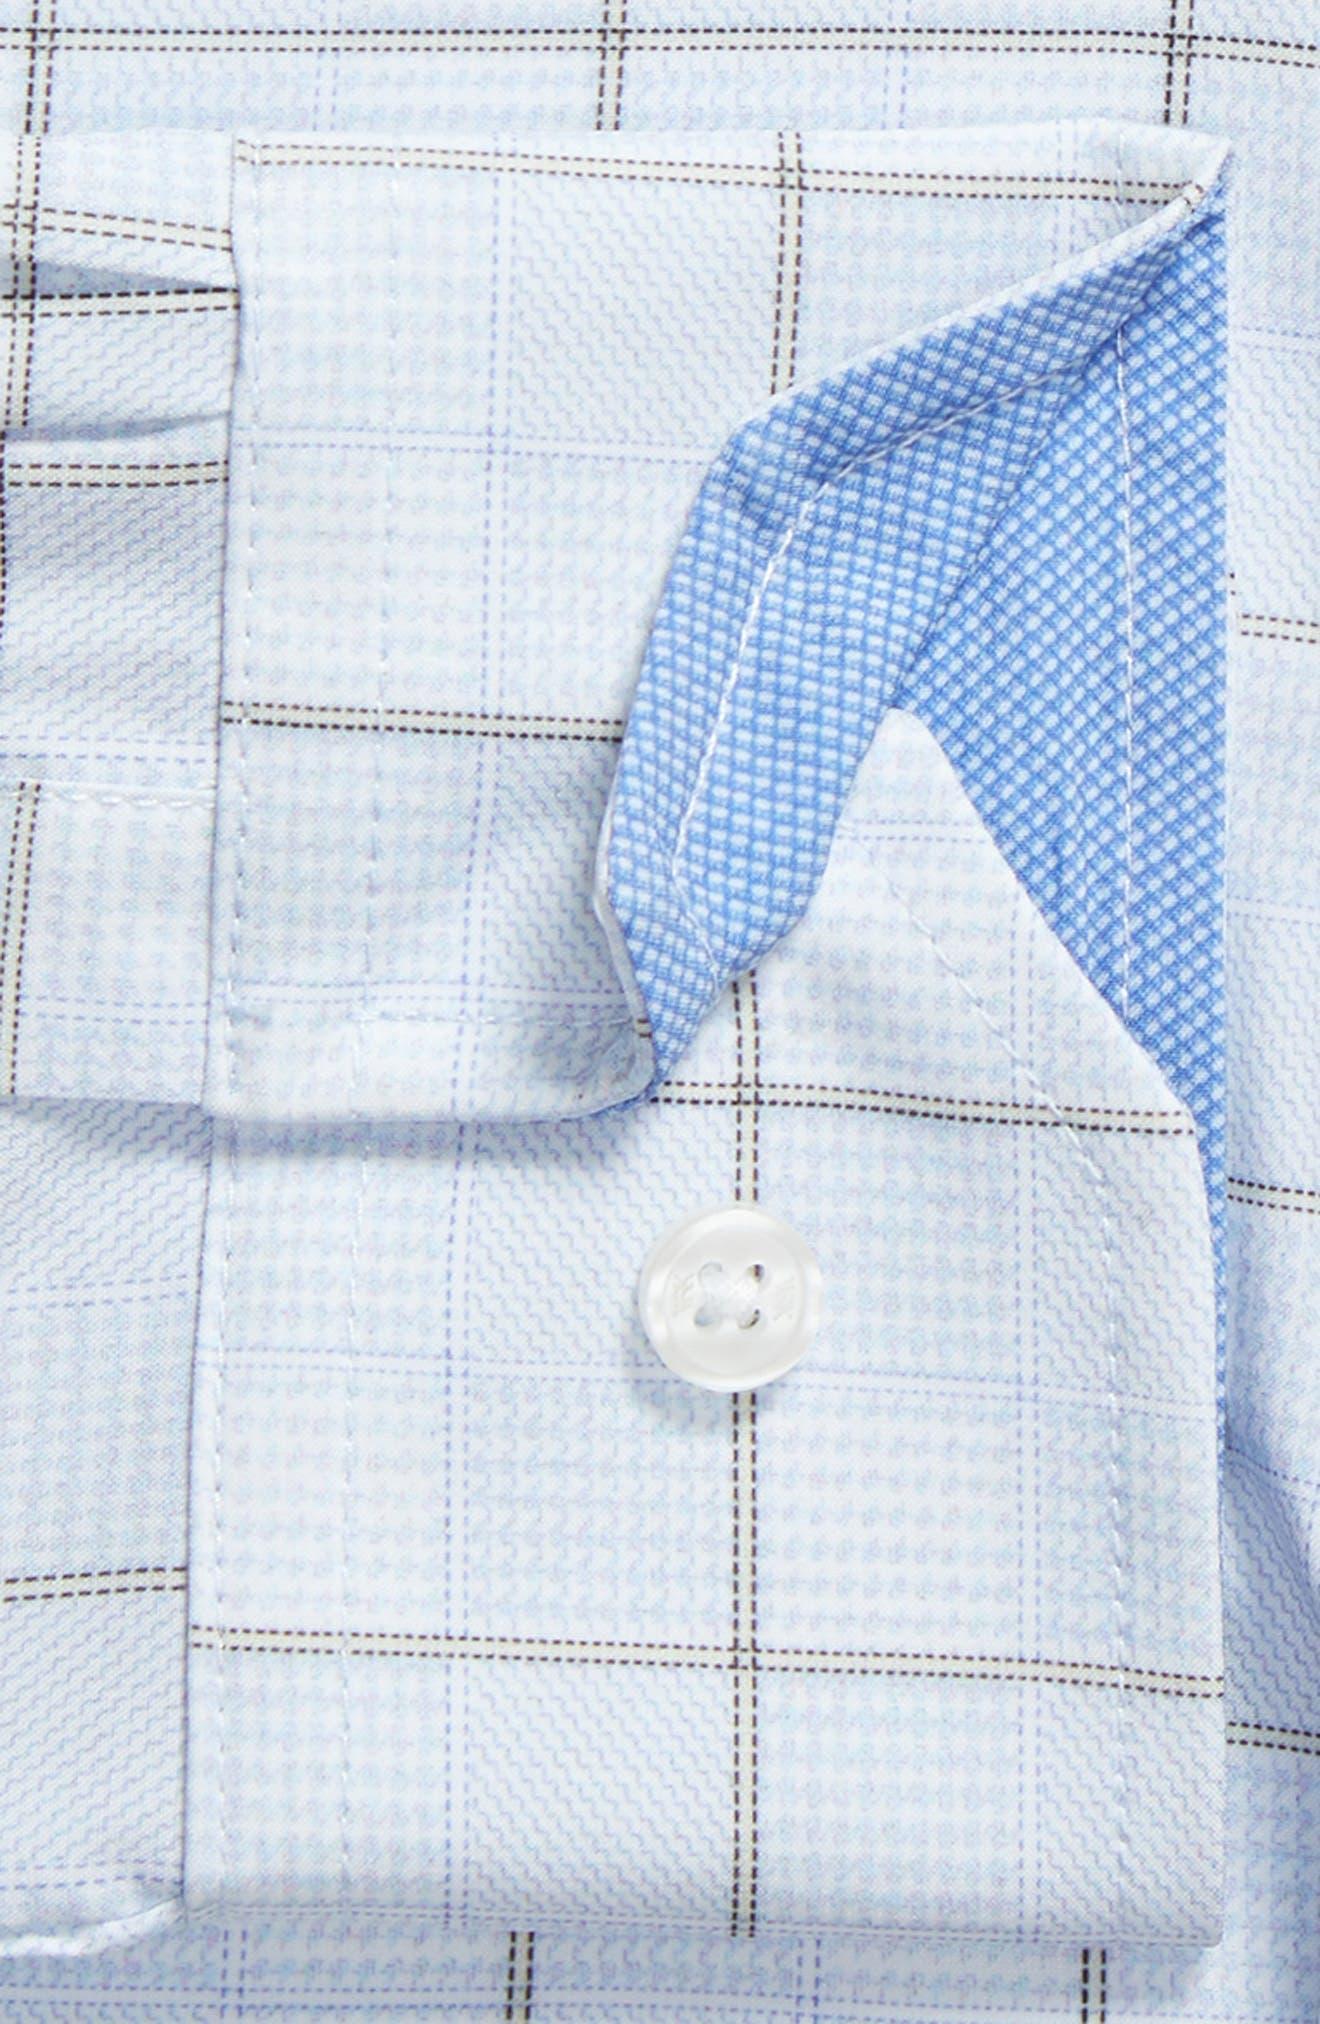 Trim Fit Plaid 4-Way Stretch Dress Shirt,                             Alternate thumbnail 6, color,                             BLUE